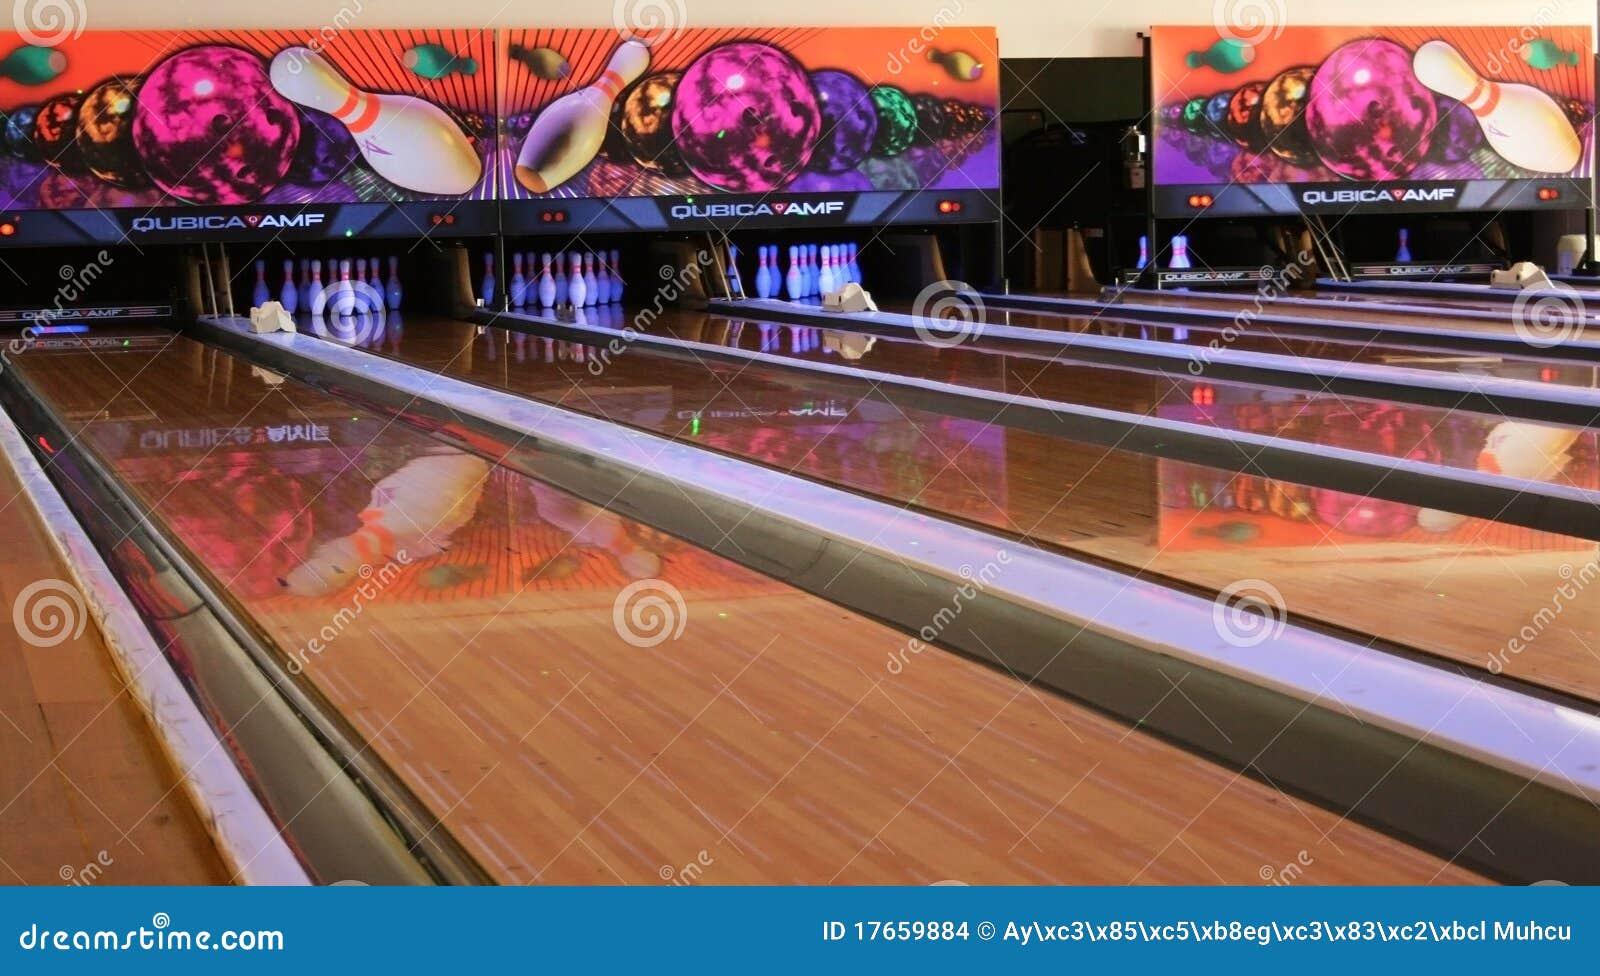 Callejón de bowling